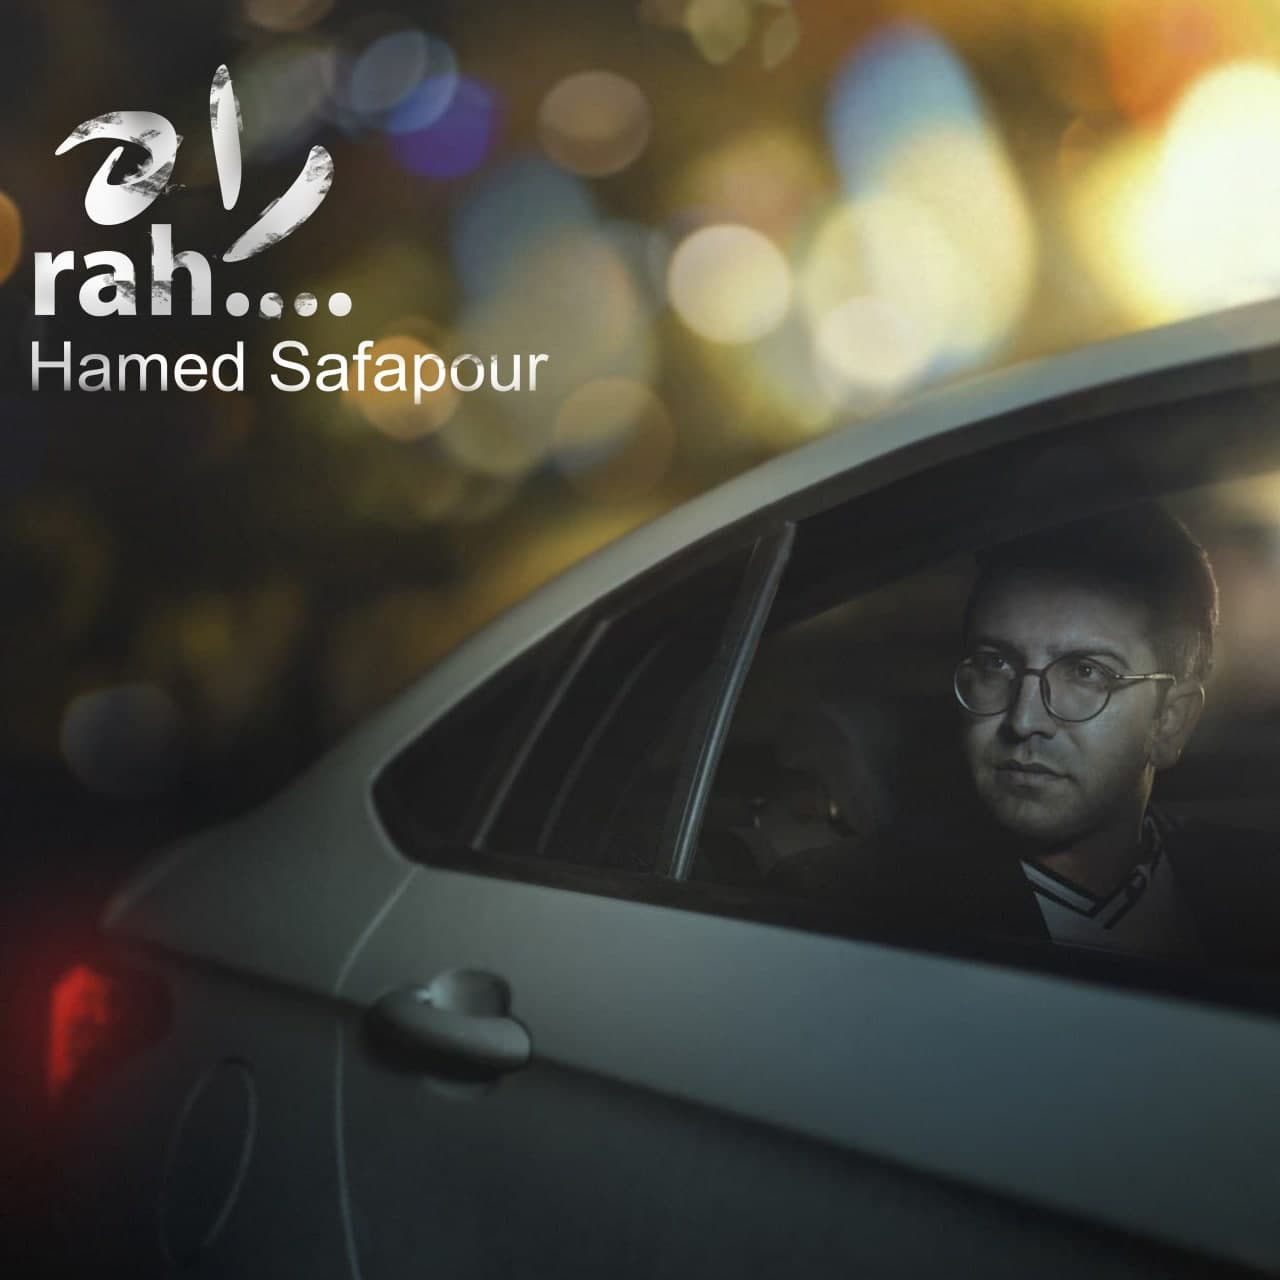 دانلود موزیک جدید حامد صفاپور راه